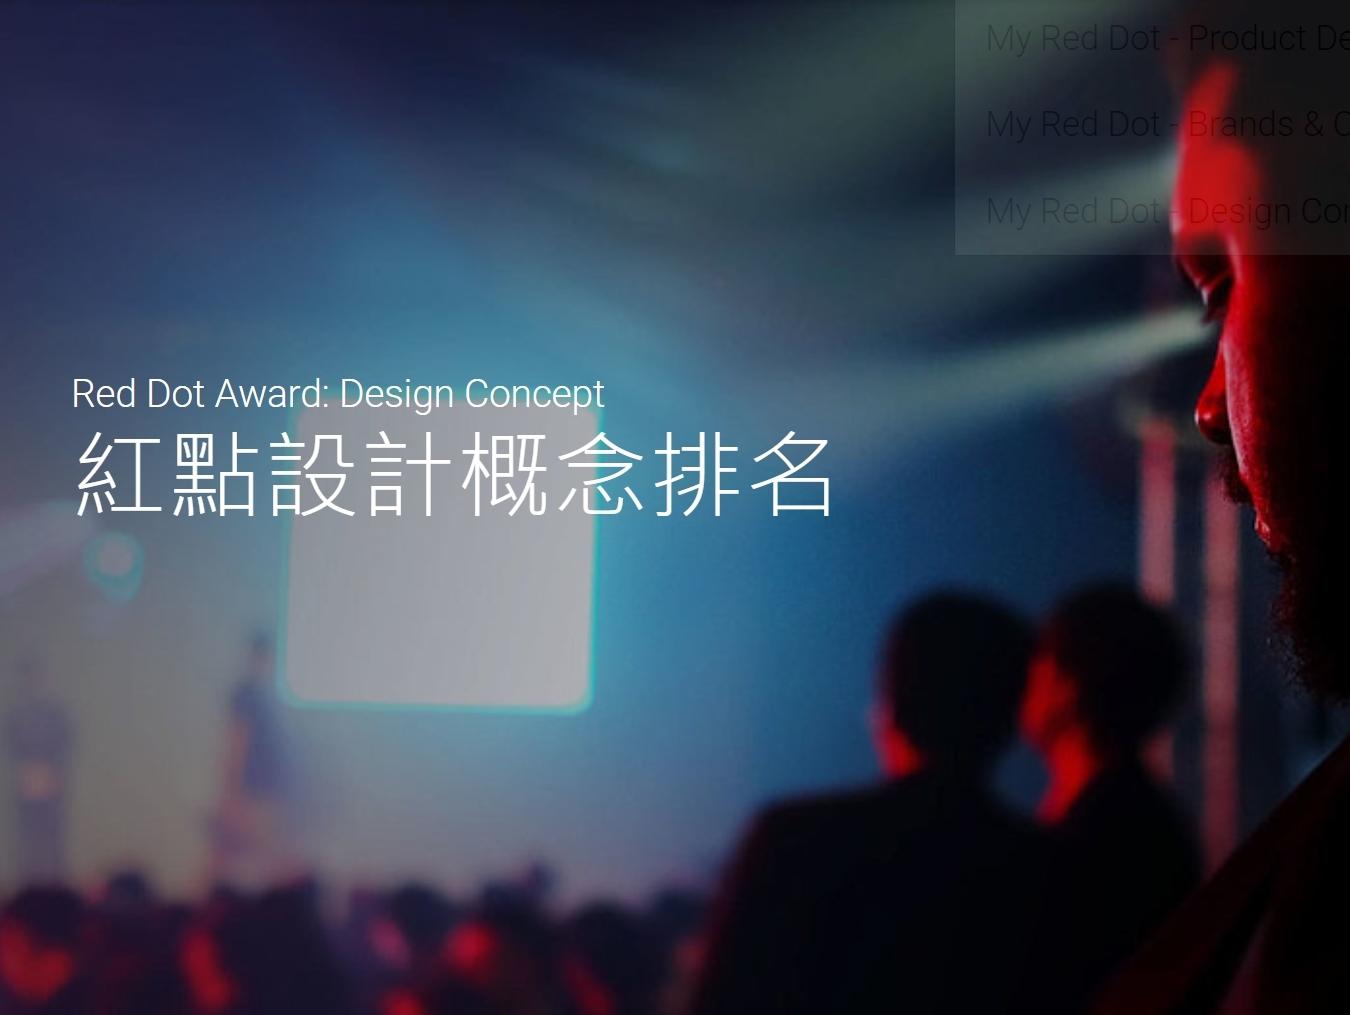 台灣青年設計能量再獲國際肯定 台科大奪2020德國紅點設計概念年度排行第二